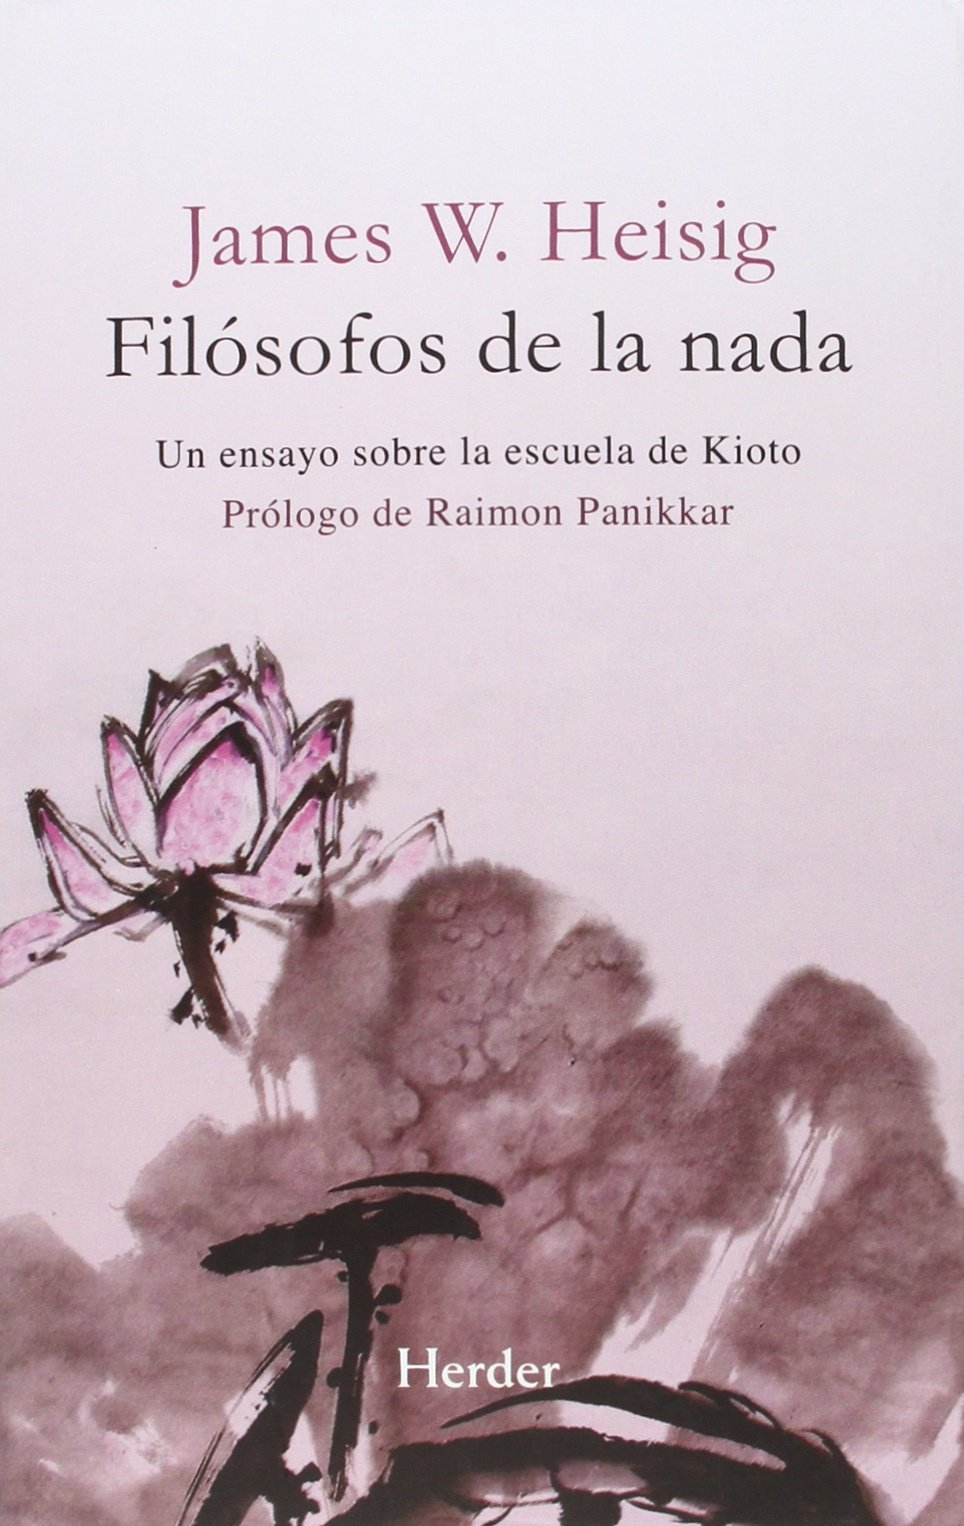 Filósofos De La Nada. Un Ensayo Sobre La Escuela De Kioto (Nueva Edición) Tapa blanda – 24 nov 2015 James W. Heisig Herder Editorial 8425433177 Buddhism